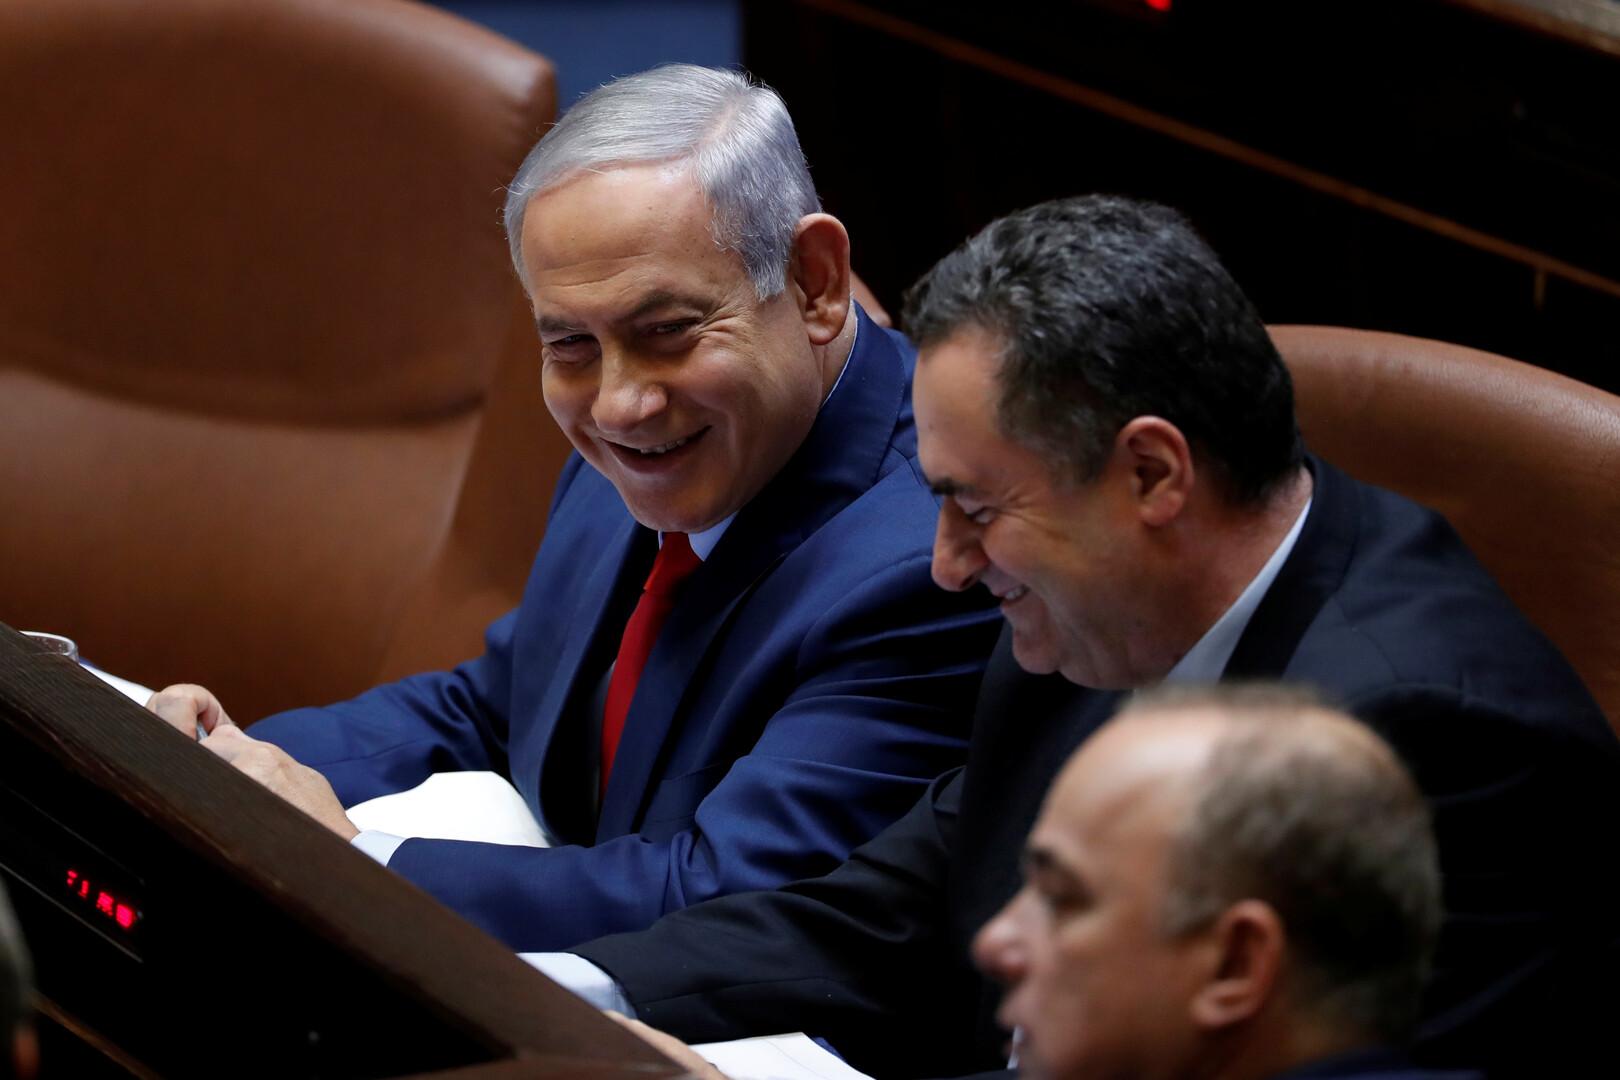 إسرائيل تؤكد رسميا طرحها مبادرة